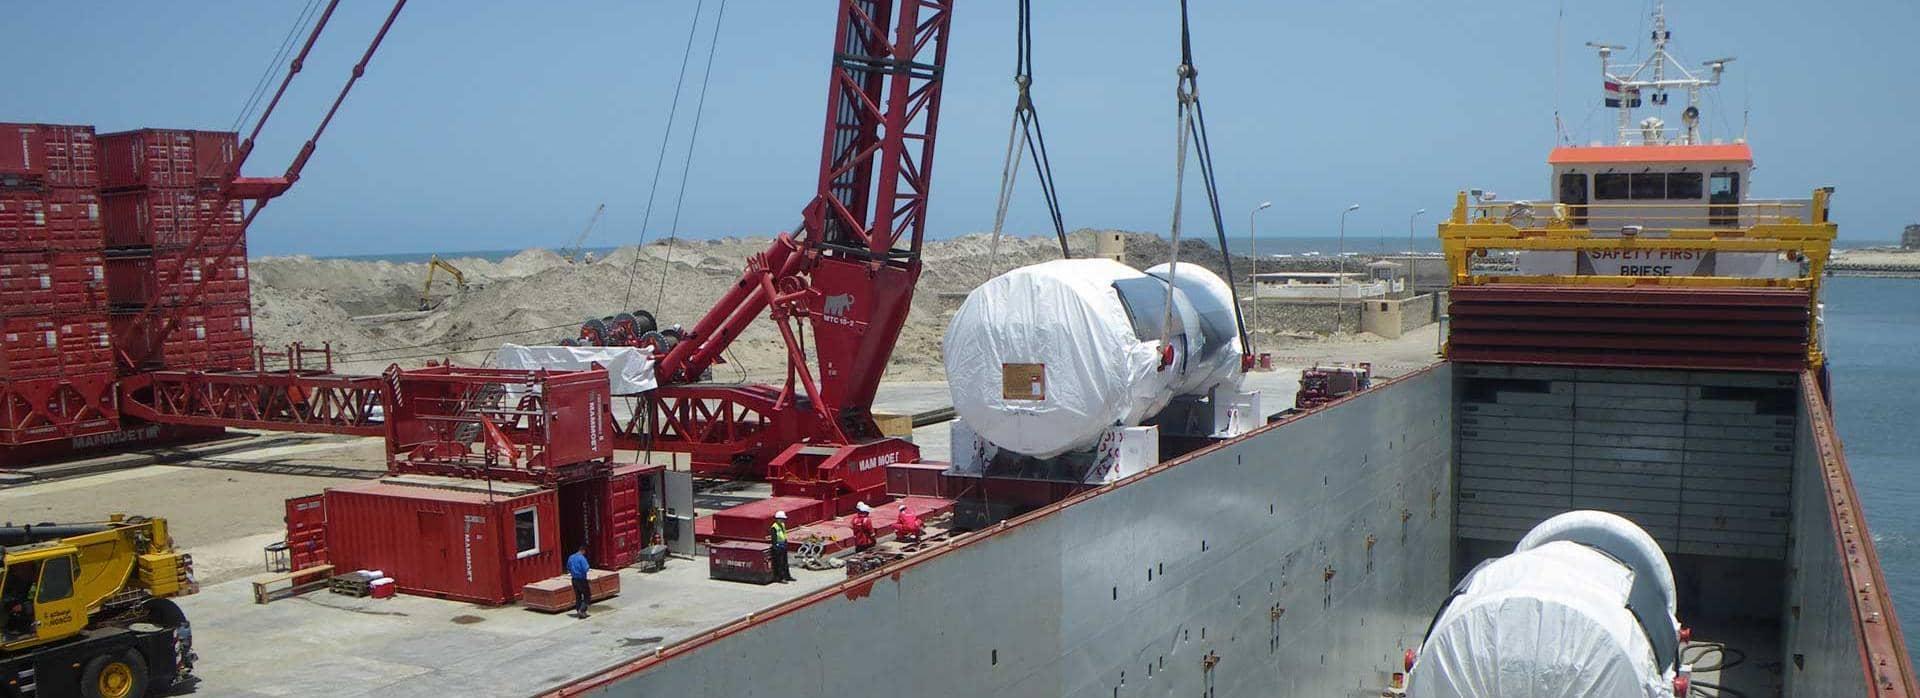 600-tonluk vinç, Burullus'ta türbinleri indiriyor